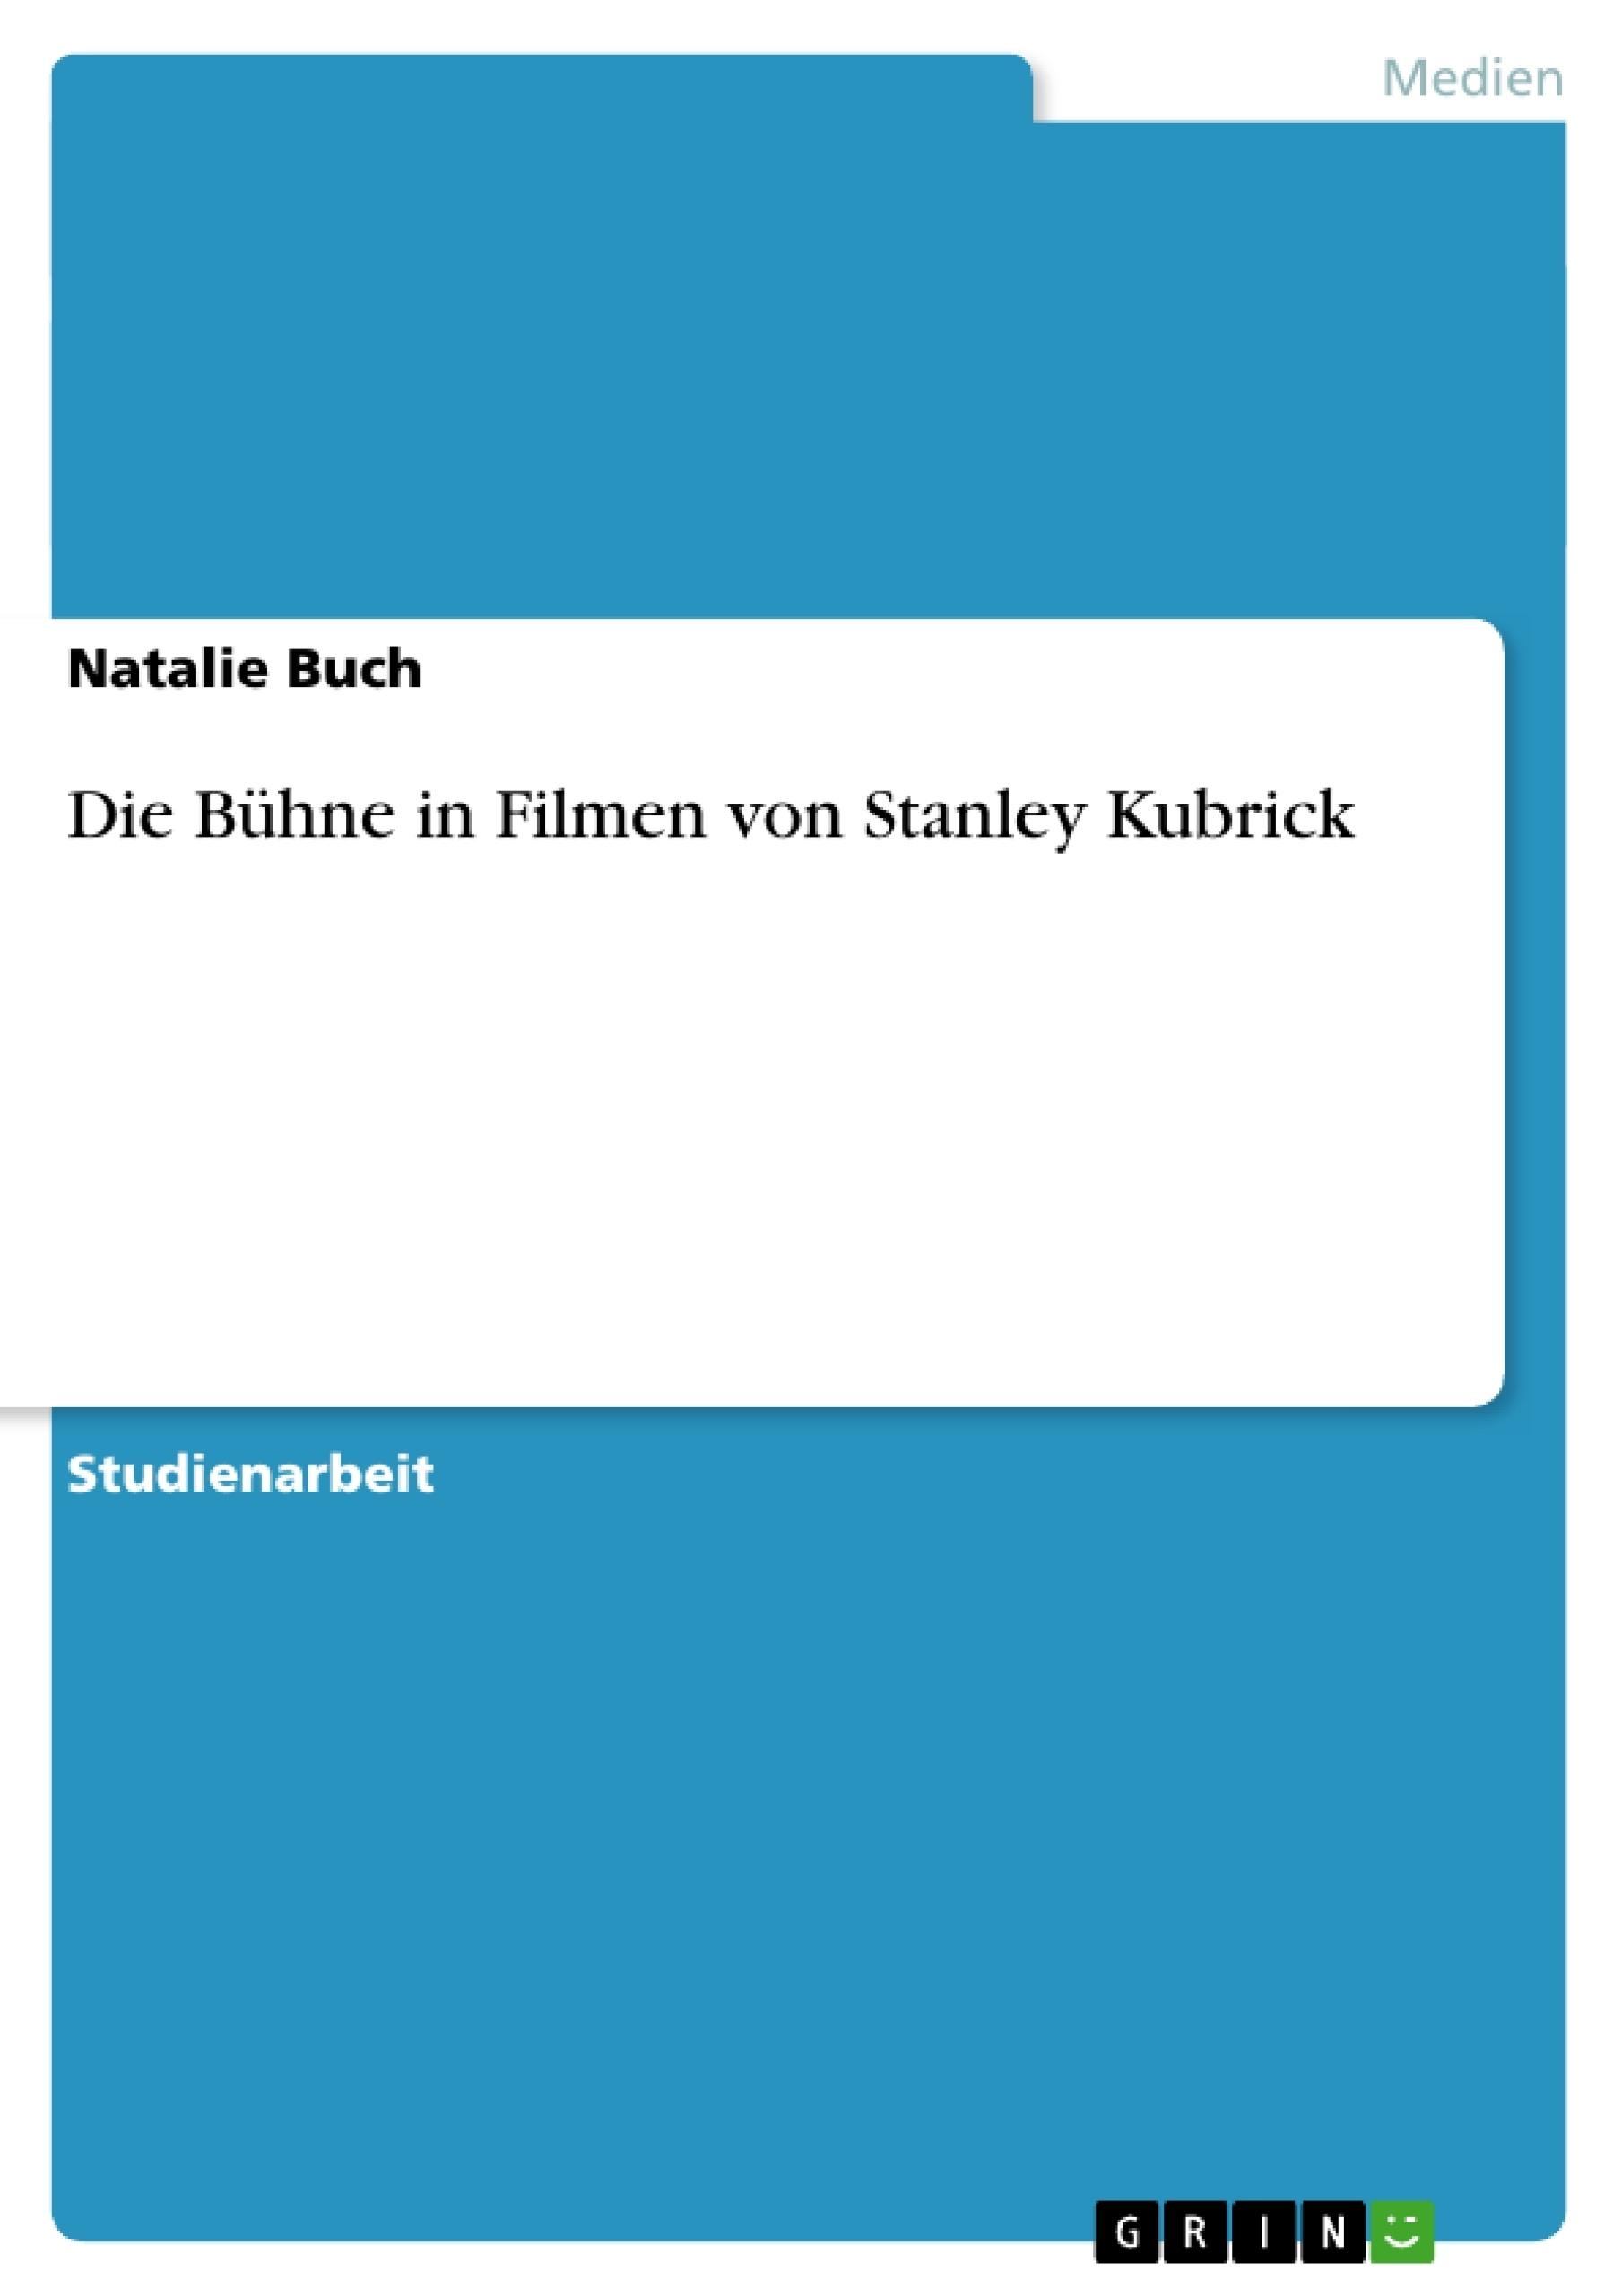 Titel: Die Bühne in Filmen von Stanley Kubrick